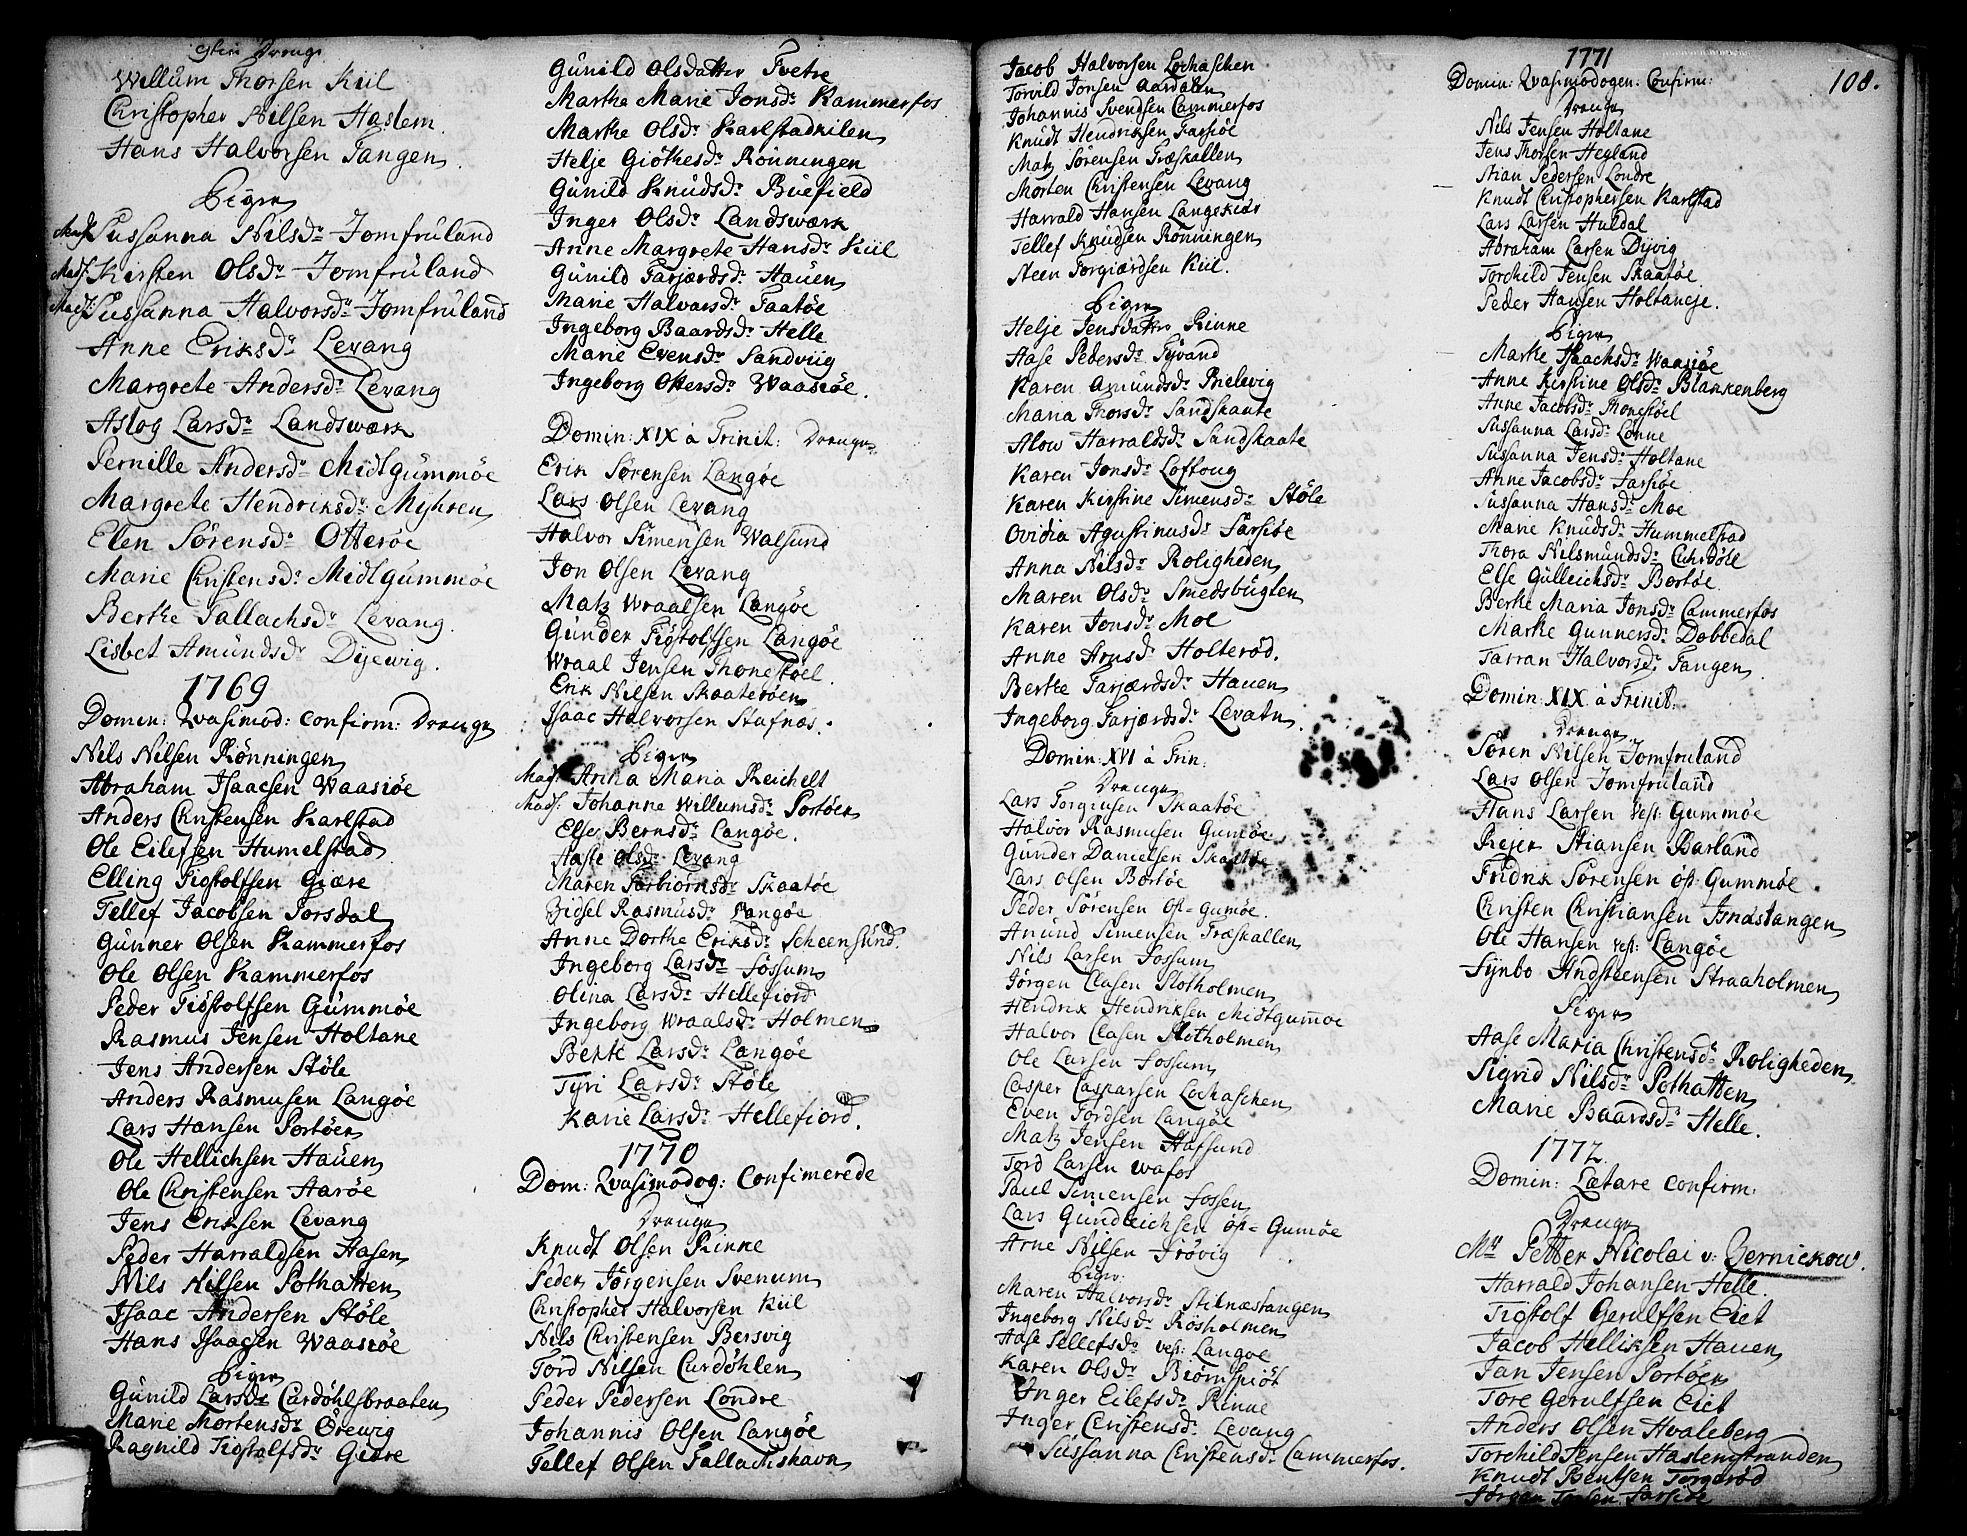 SAKO, Sannidal kirkebøker, F/Fa/L0002: Ministerialbok nr. 2, 1767-1802, s. 108